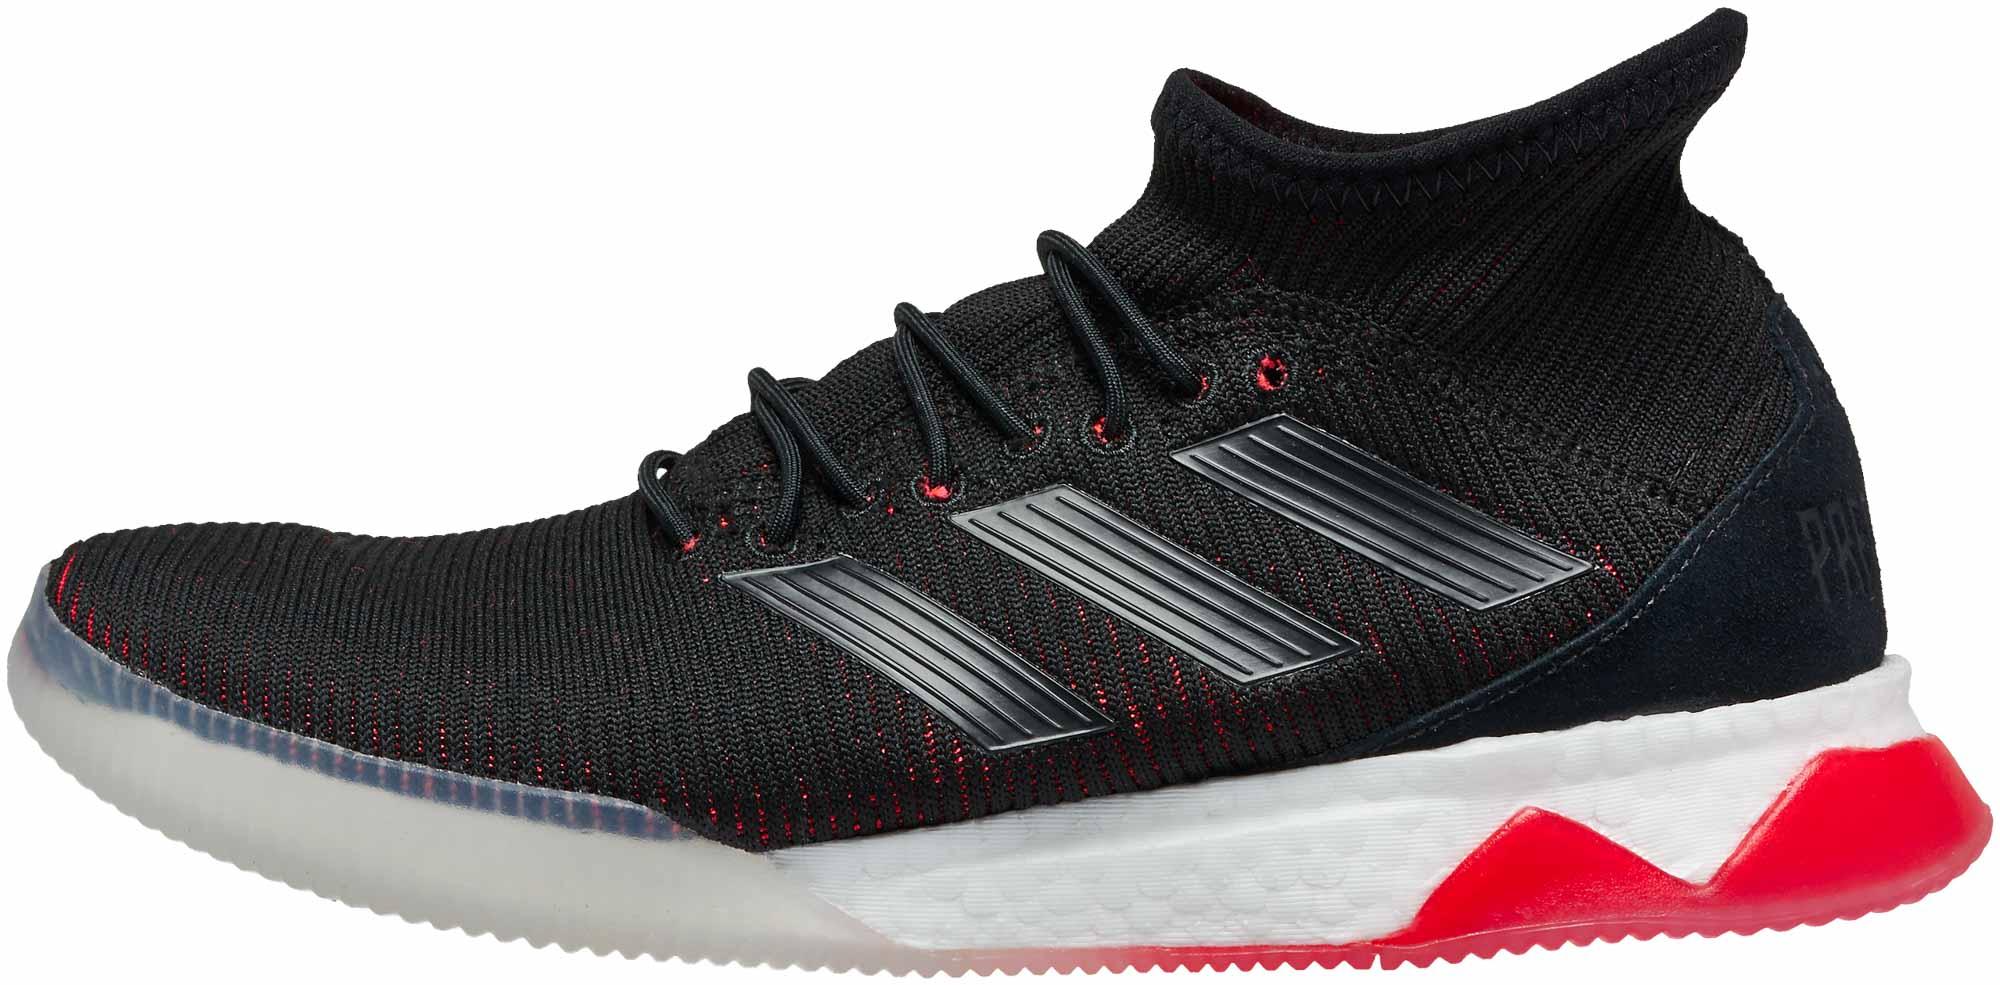 Adidas Predator Soccer Shoes